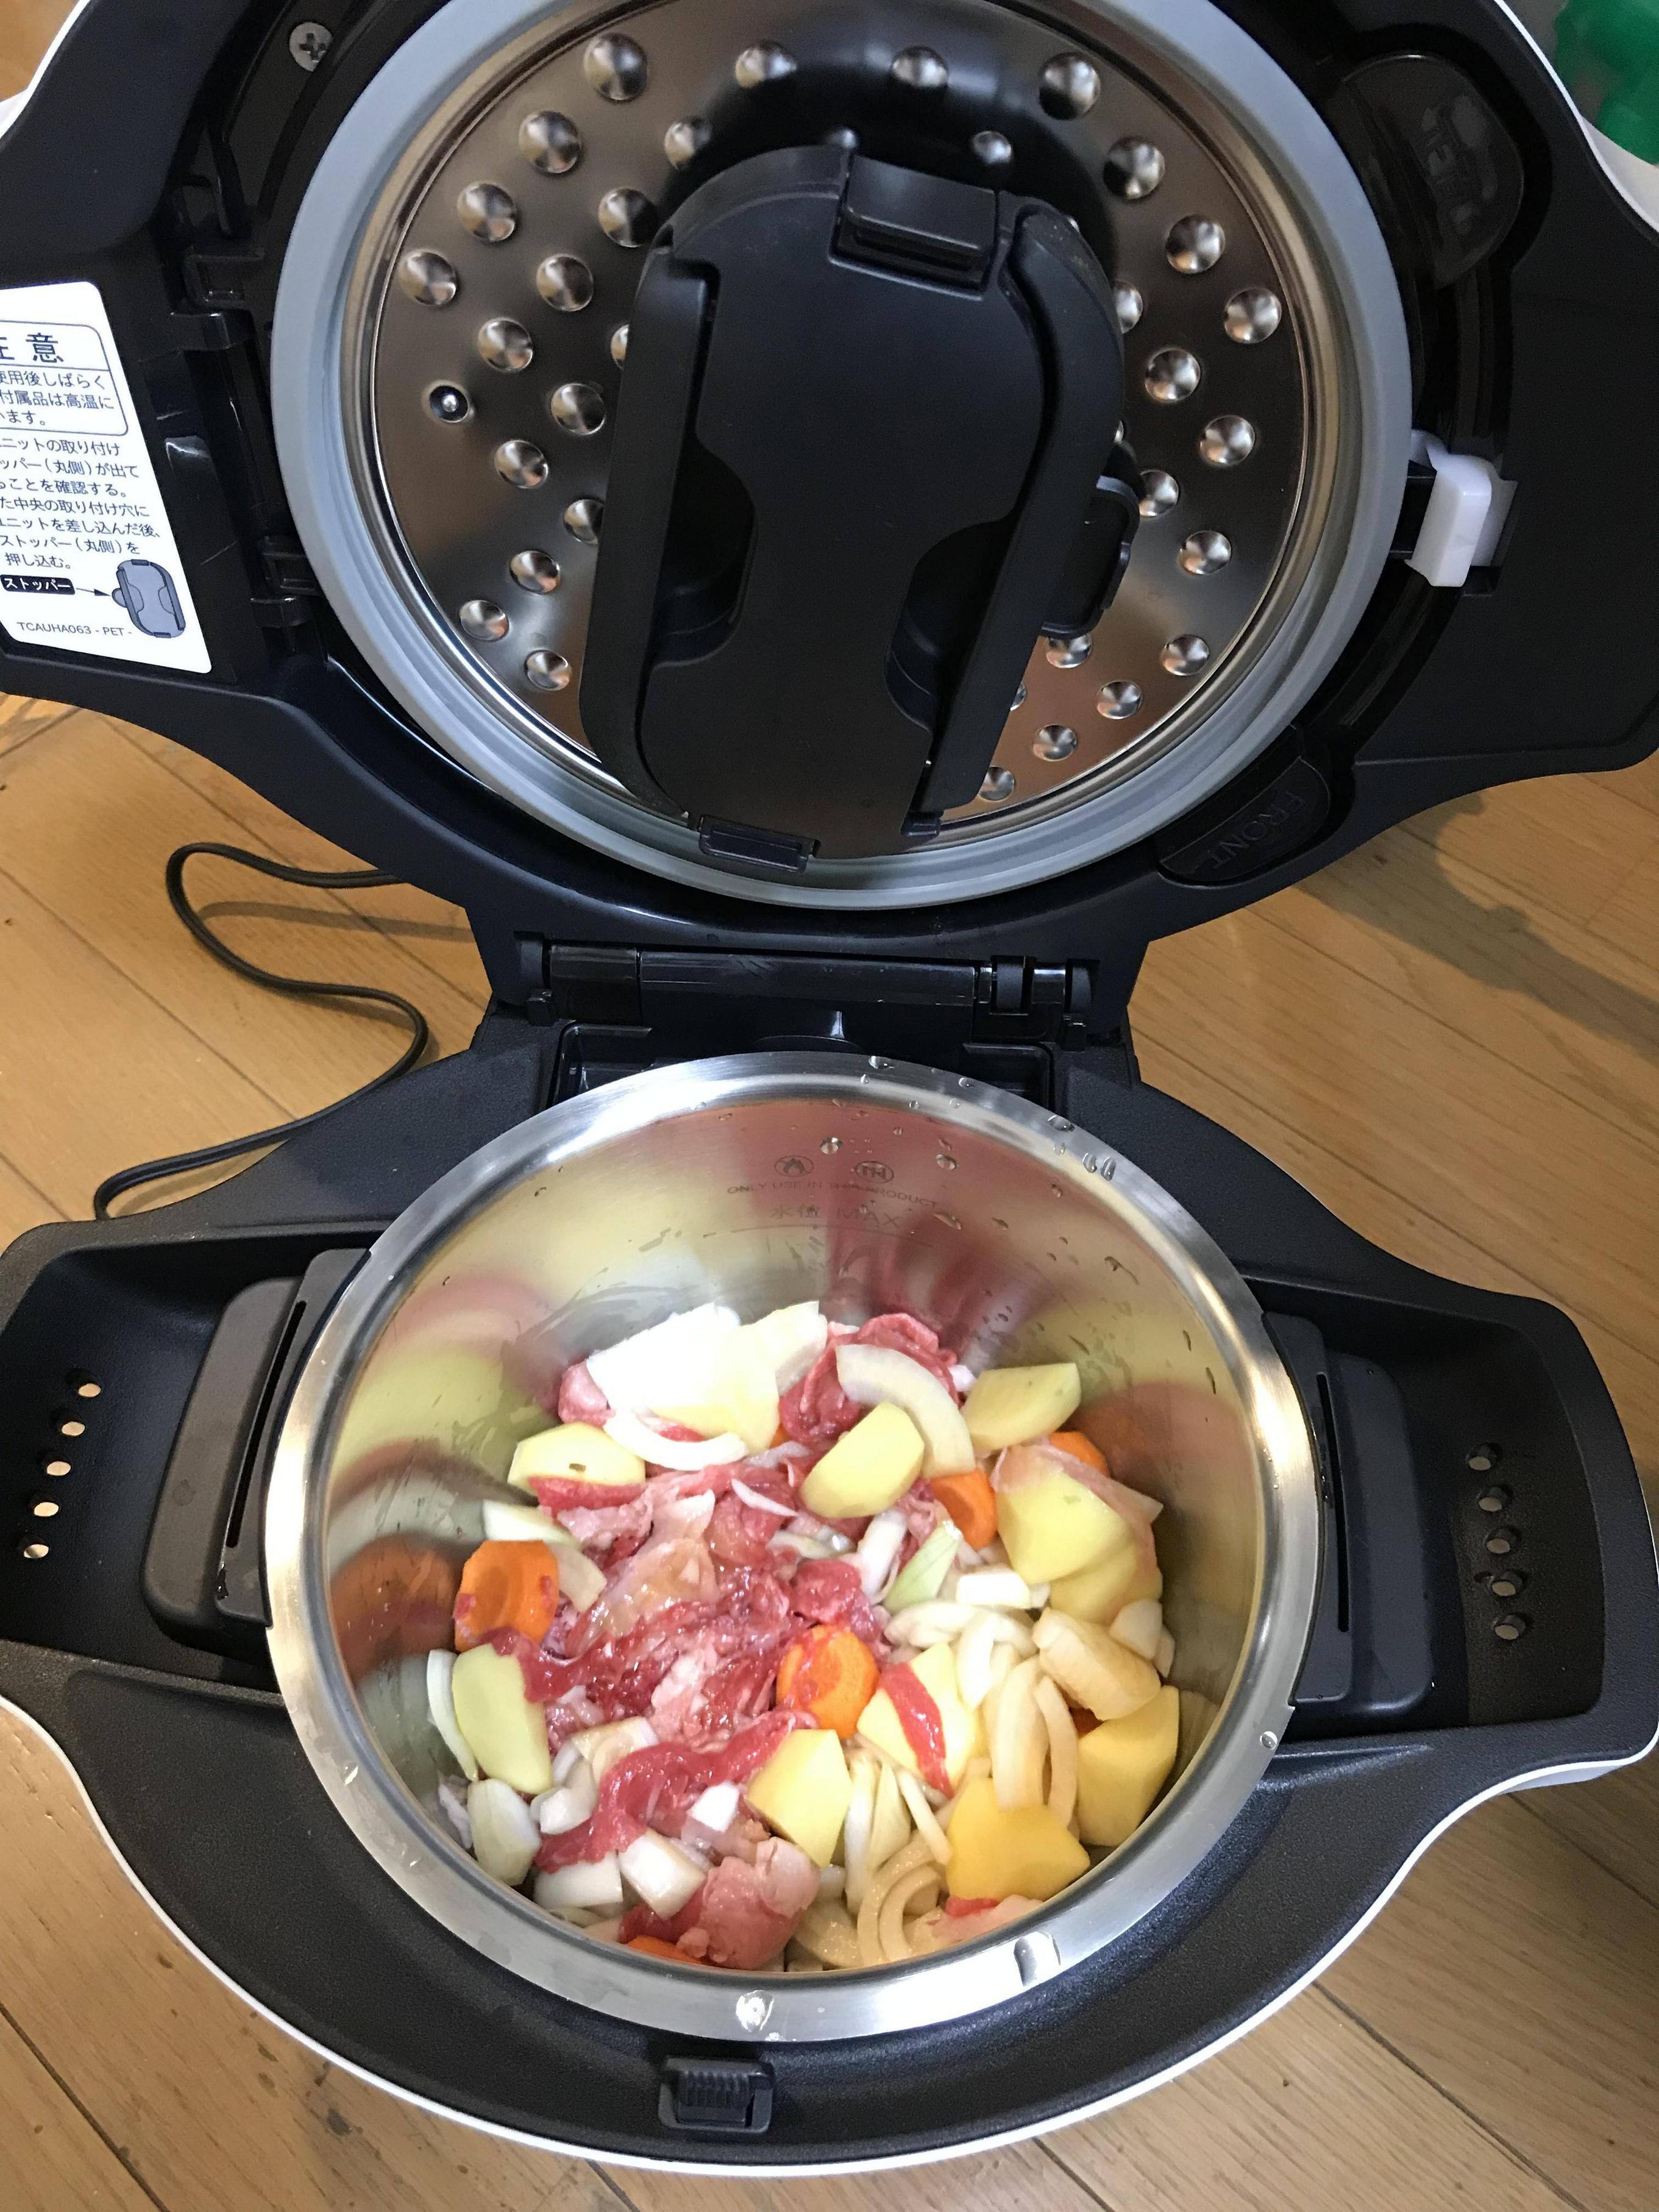 【画像有】自動調理鍋で肉じゃが作るンゴwwwwwwwww